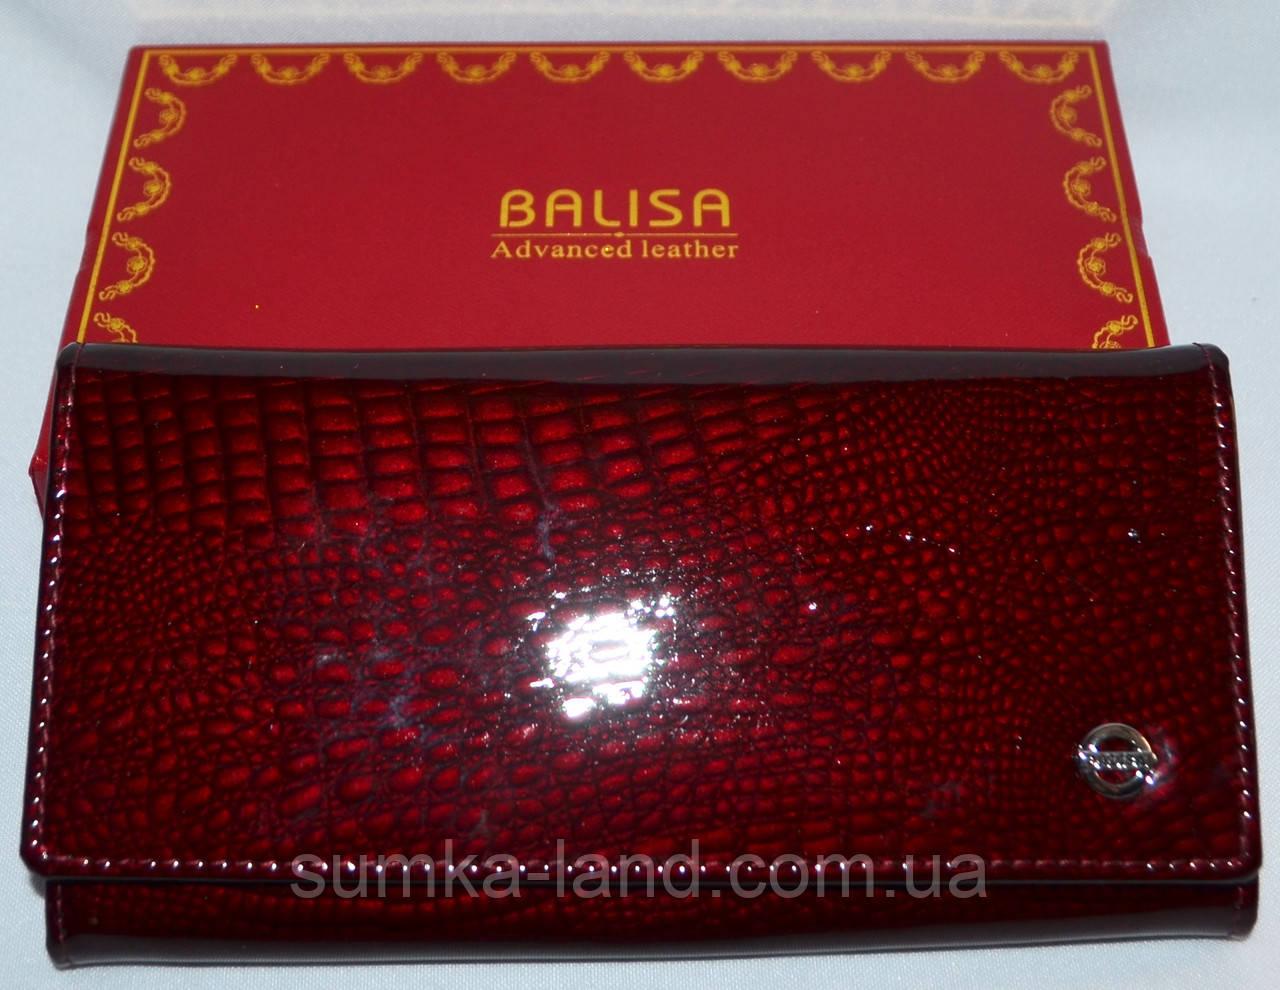 850f05e15bc6 Женский лаковый кошелек Balisa из натуральной кожи на кнопке (бордо) -  SUMKA-LAND